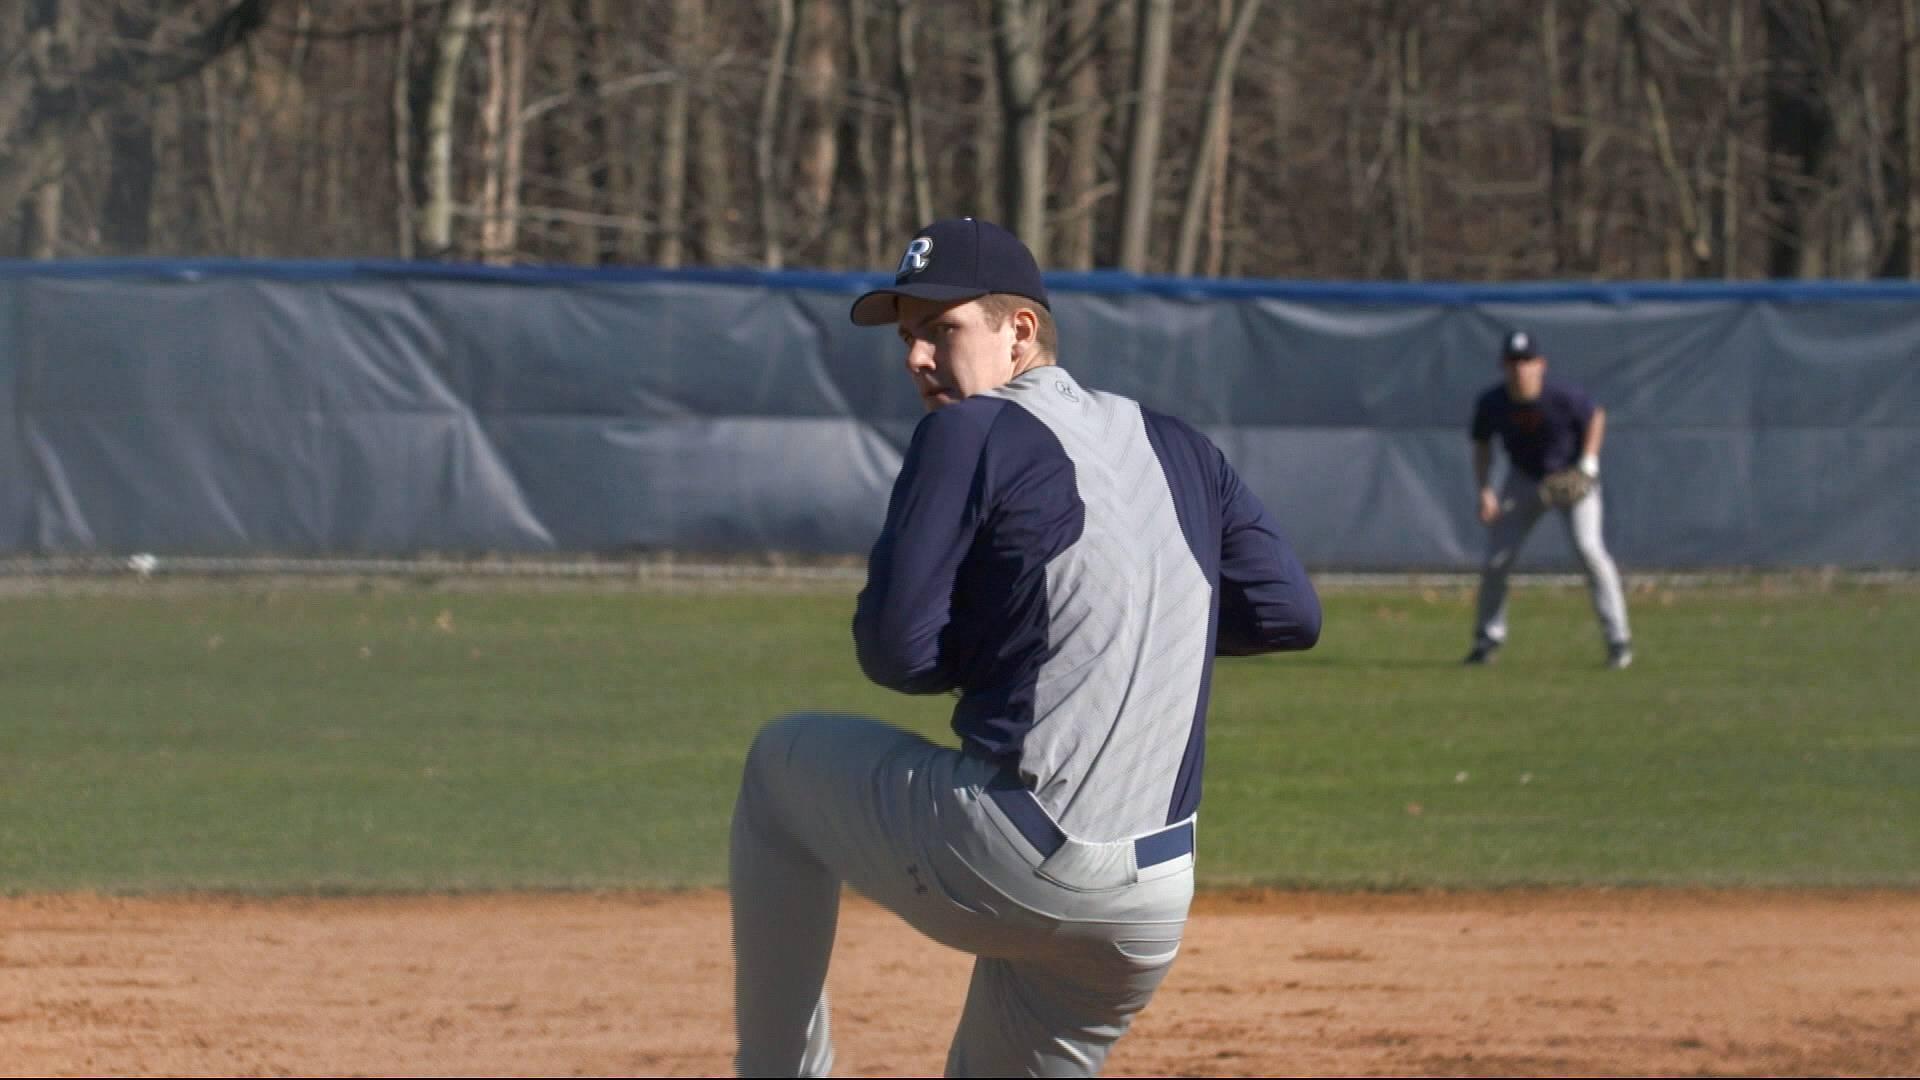 US: High schools tackle baseball injuries